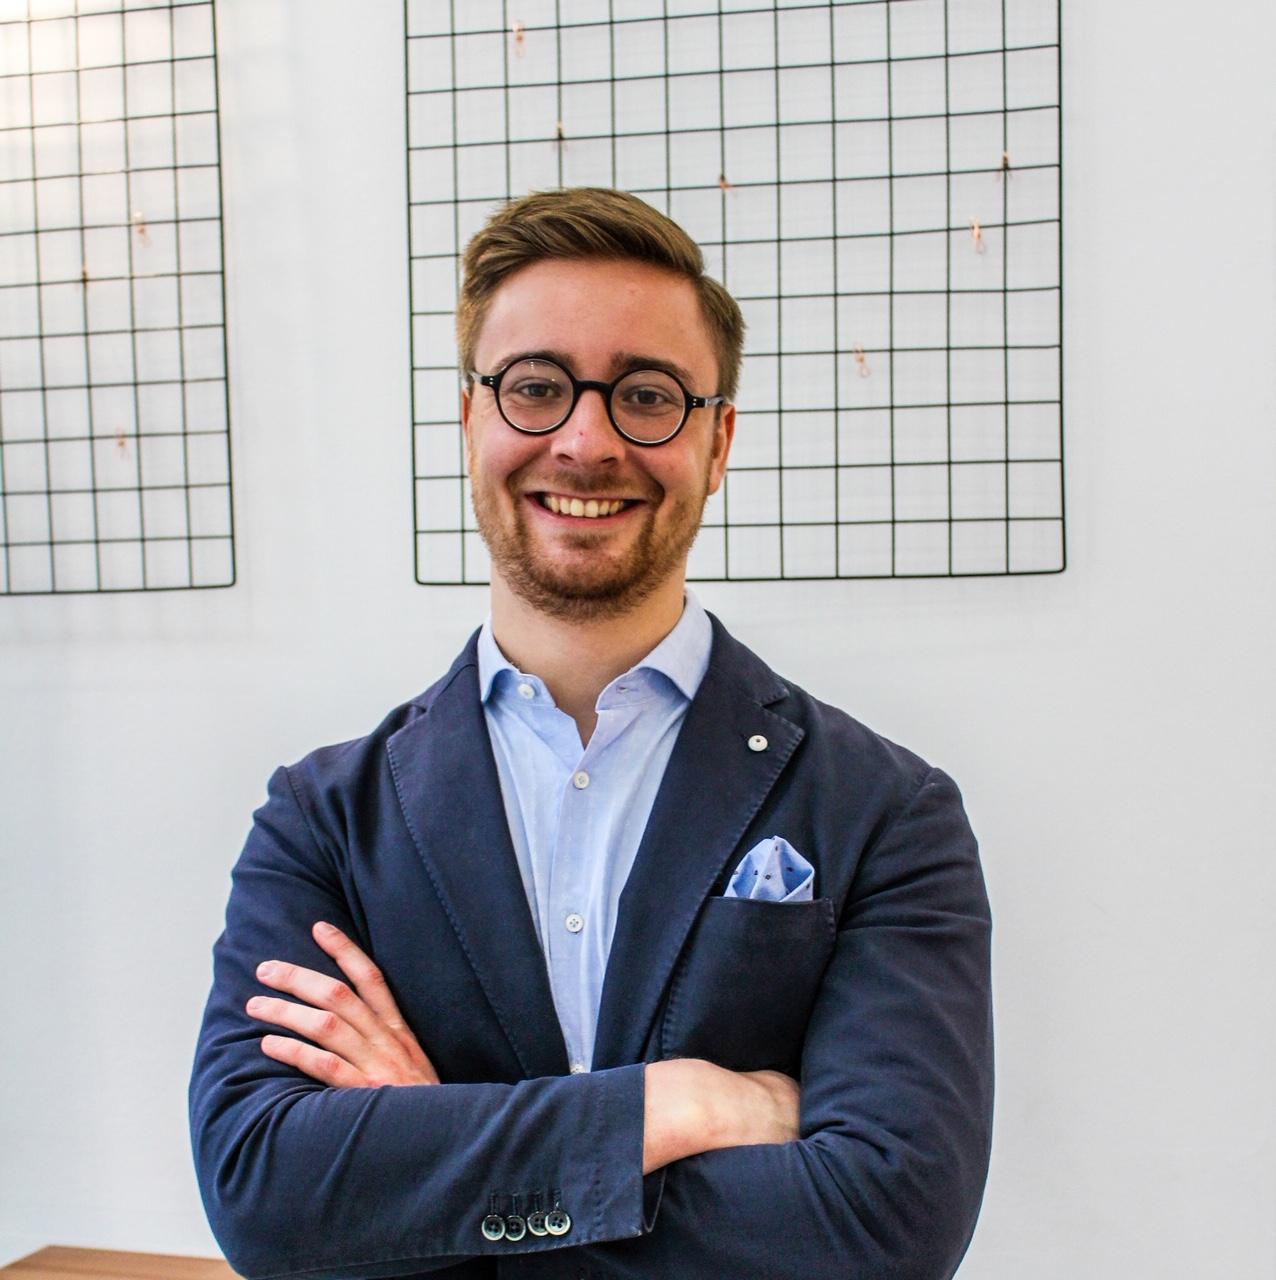 Paul Schindler - Trainer im Bereich: MBC, NLP, Trainerausbildung